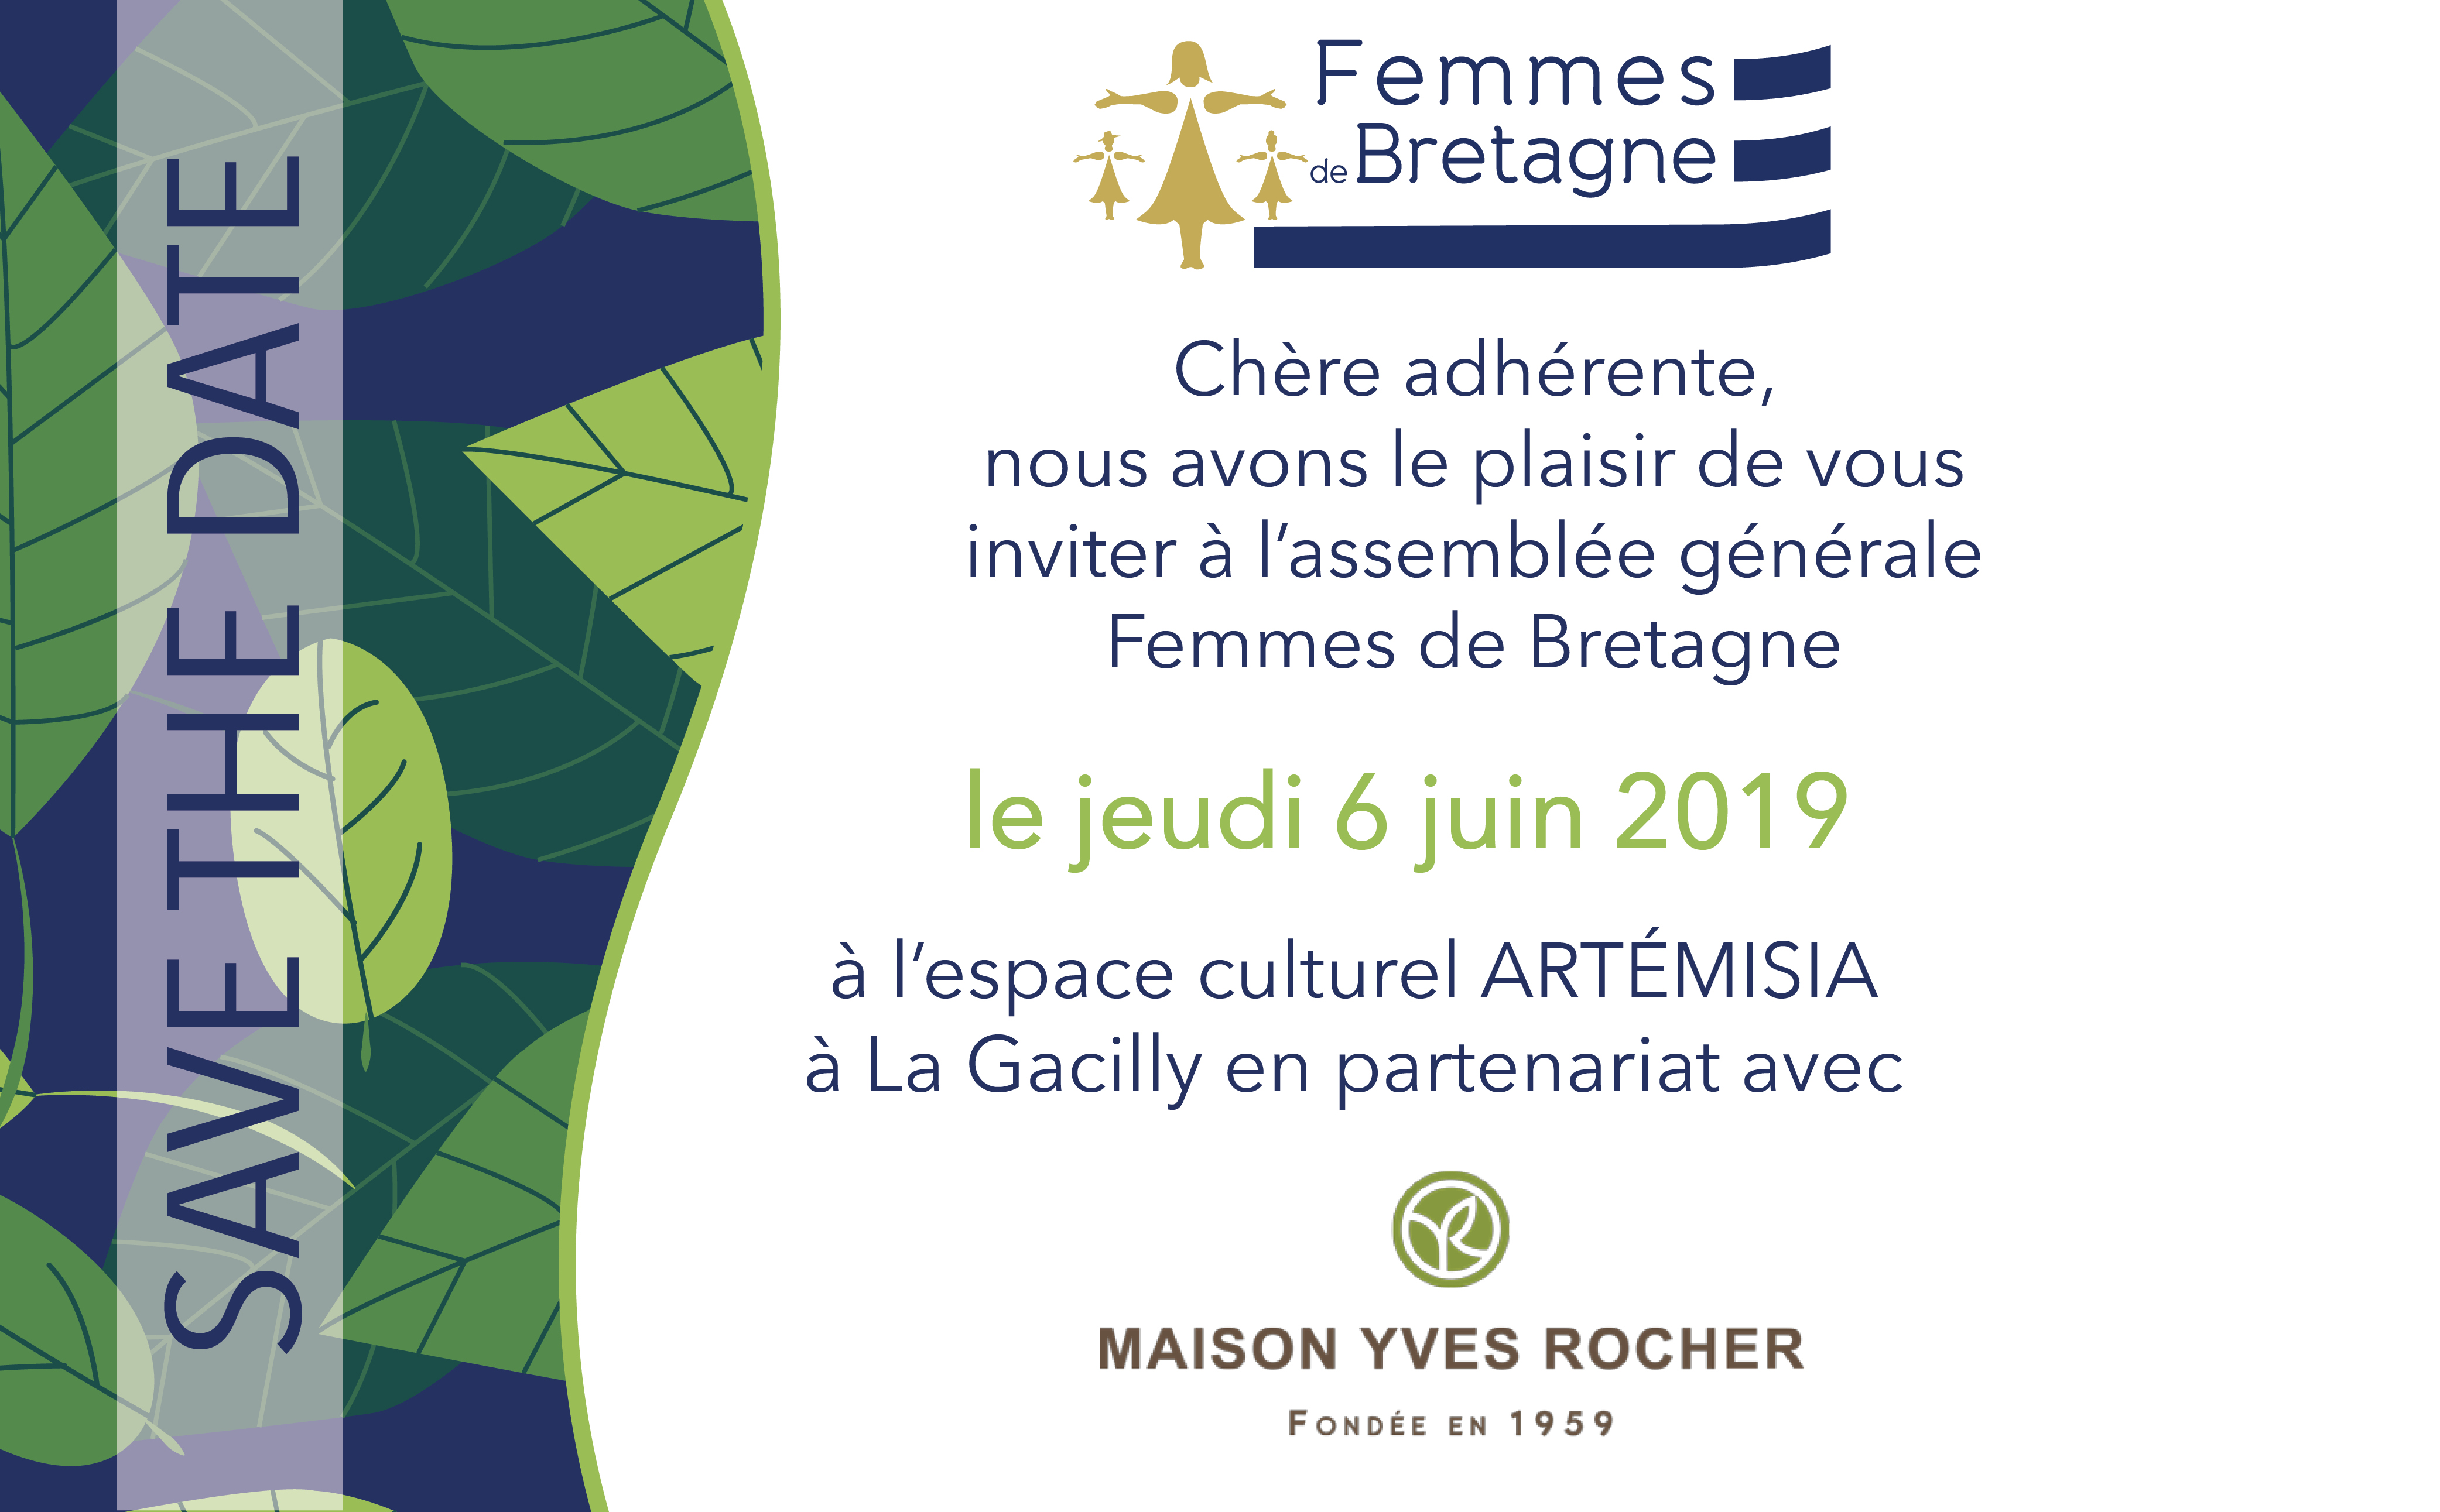 06.06.2019 – La Gacilly – Assemblée Générale Femmes de Bretagne